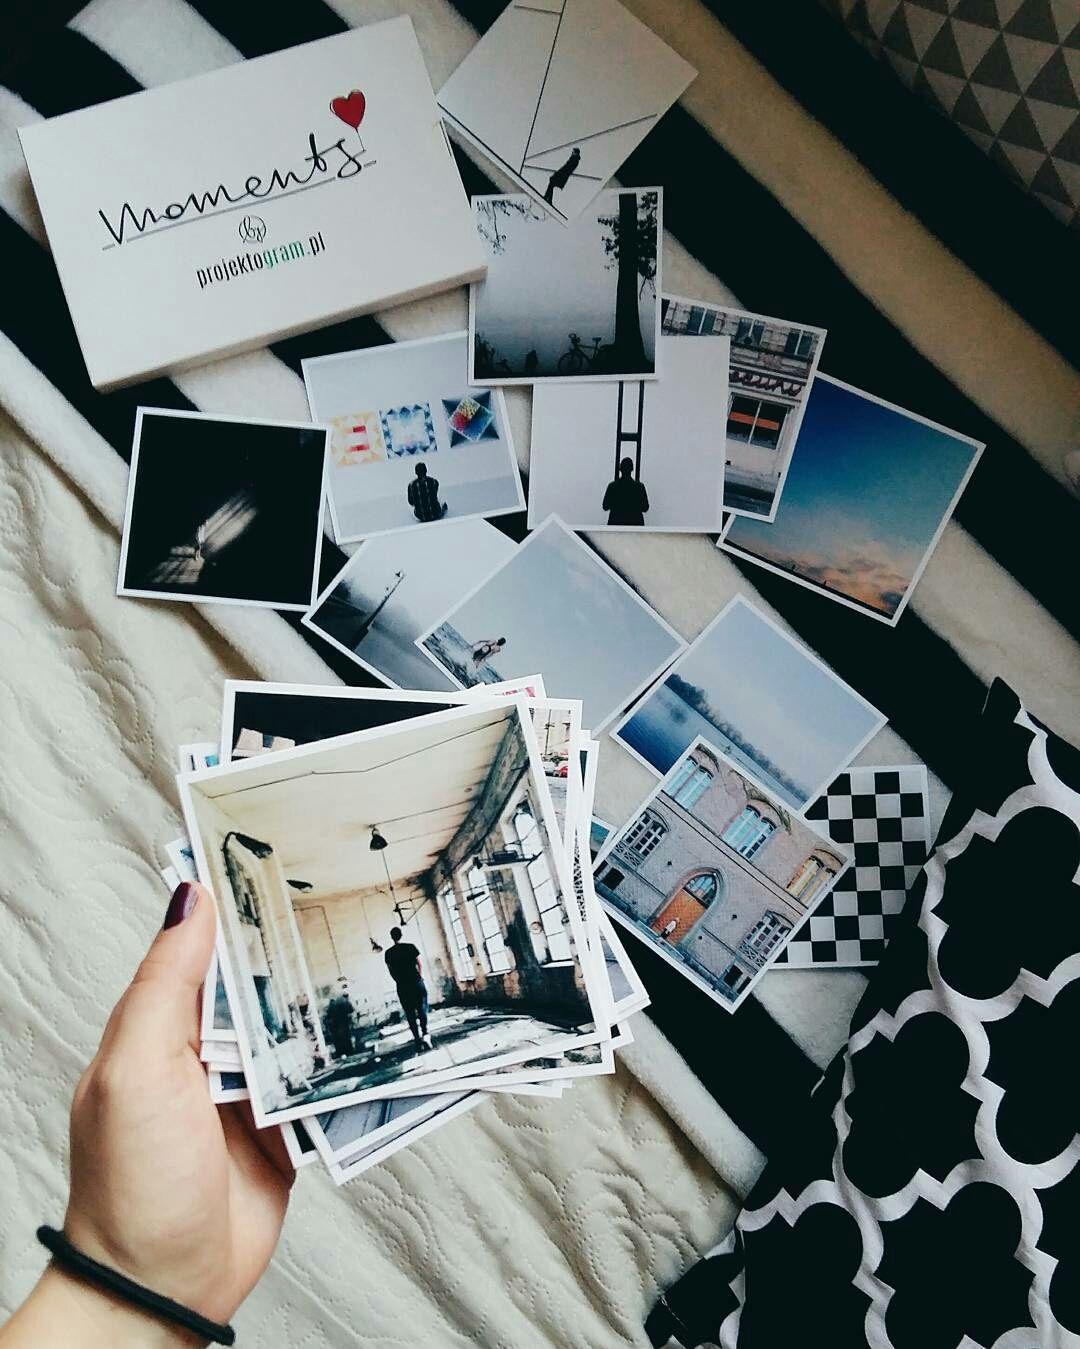 Drukowanie Kwadratowych Zdjec 10x10cm Lub 6x6cm Z Instagrama